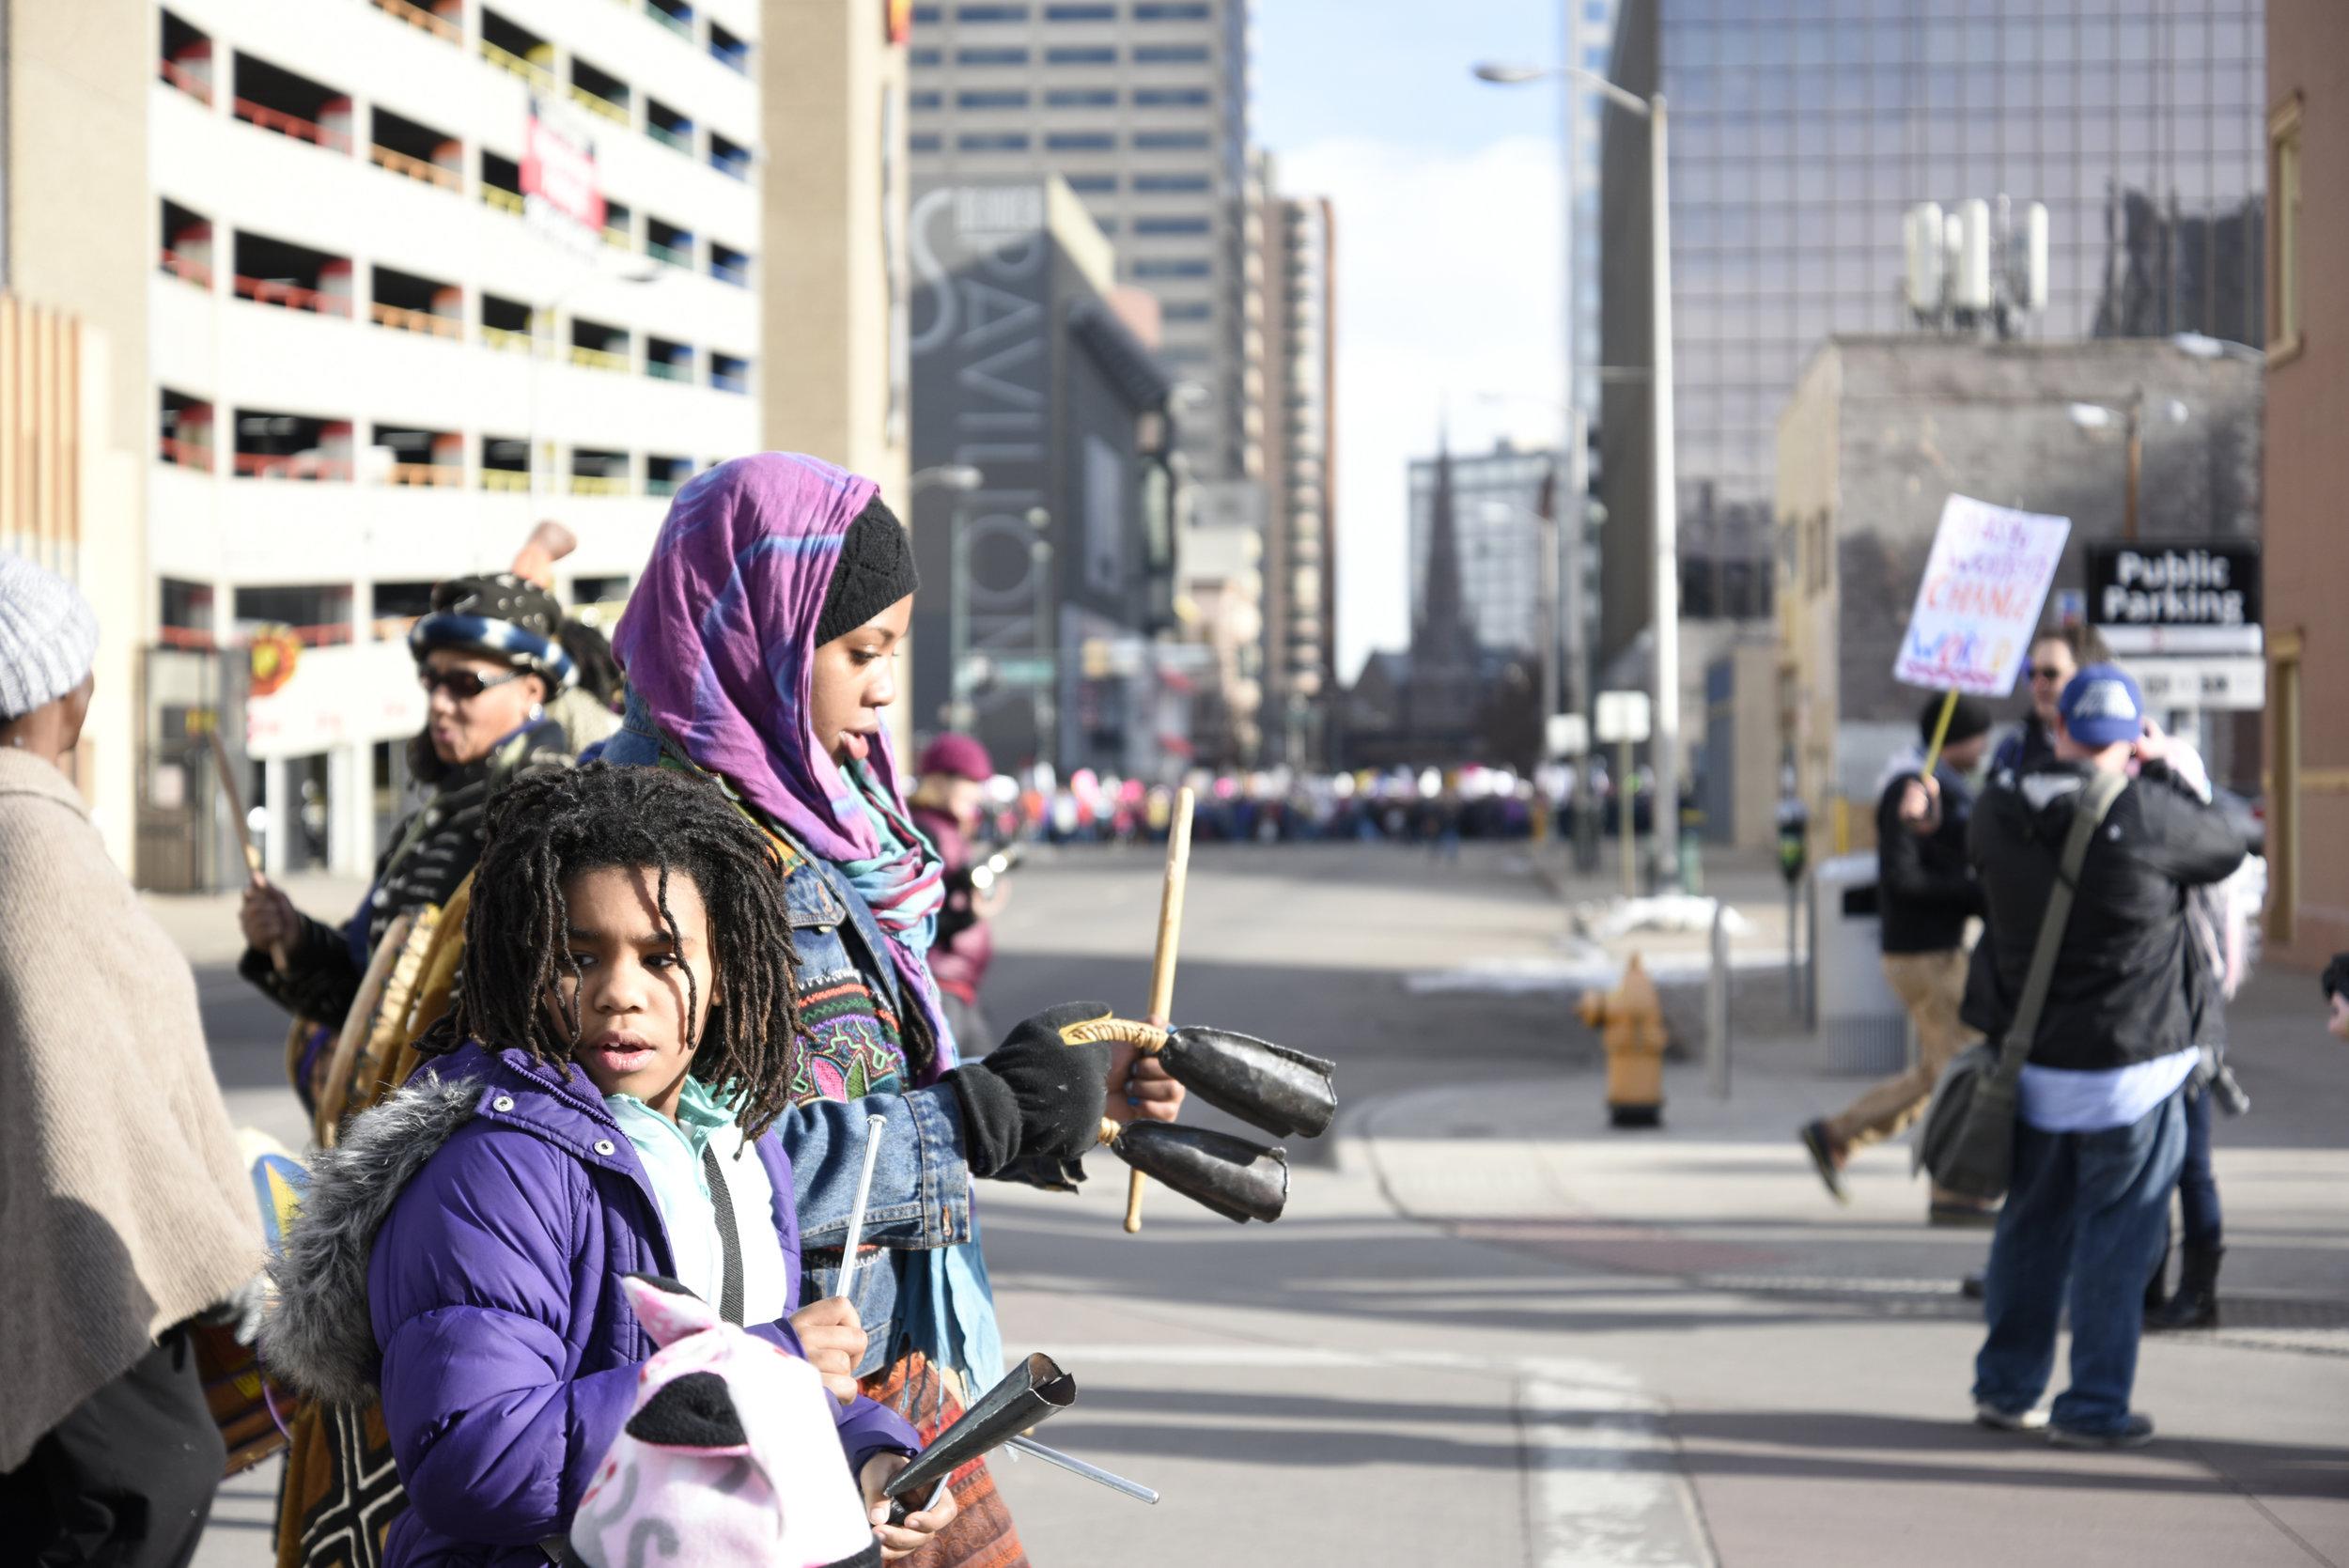 March On Denver